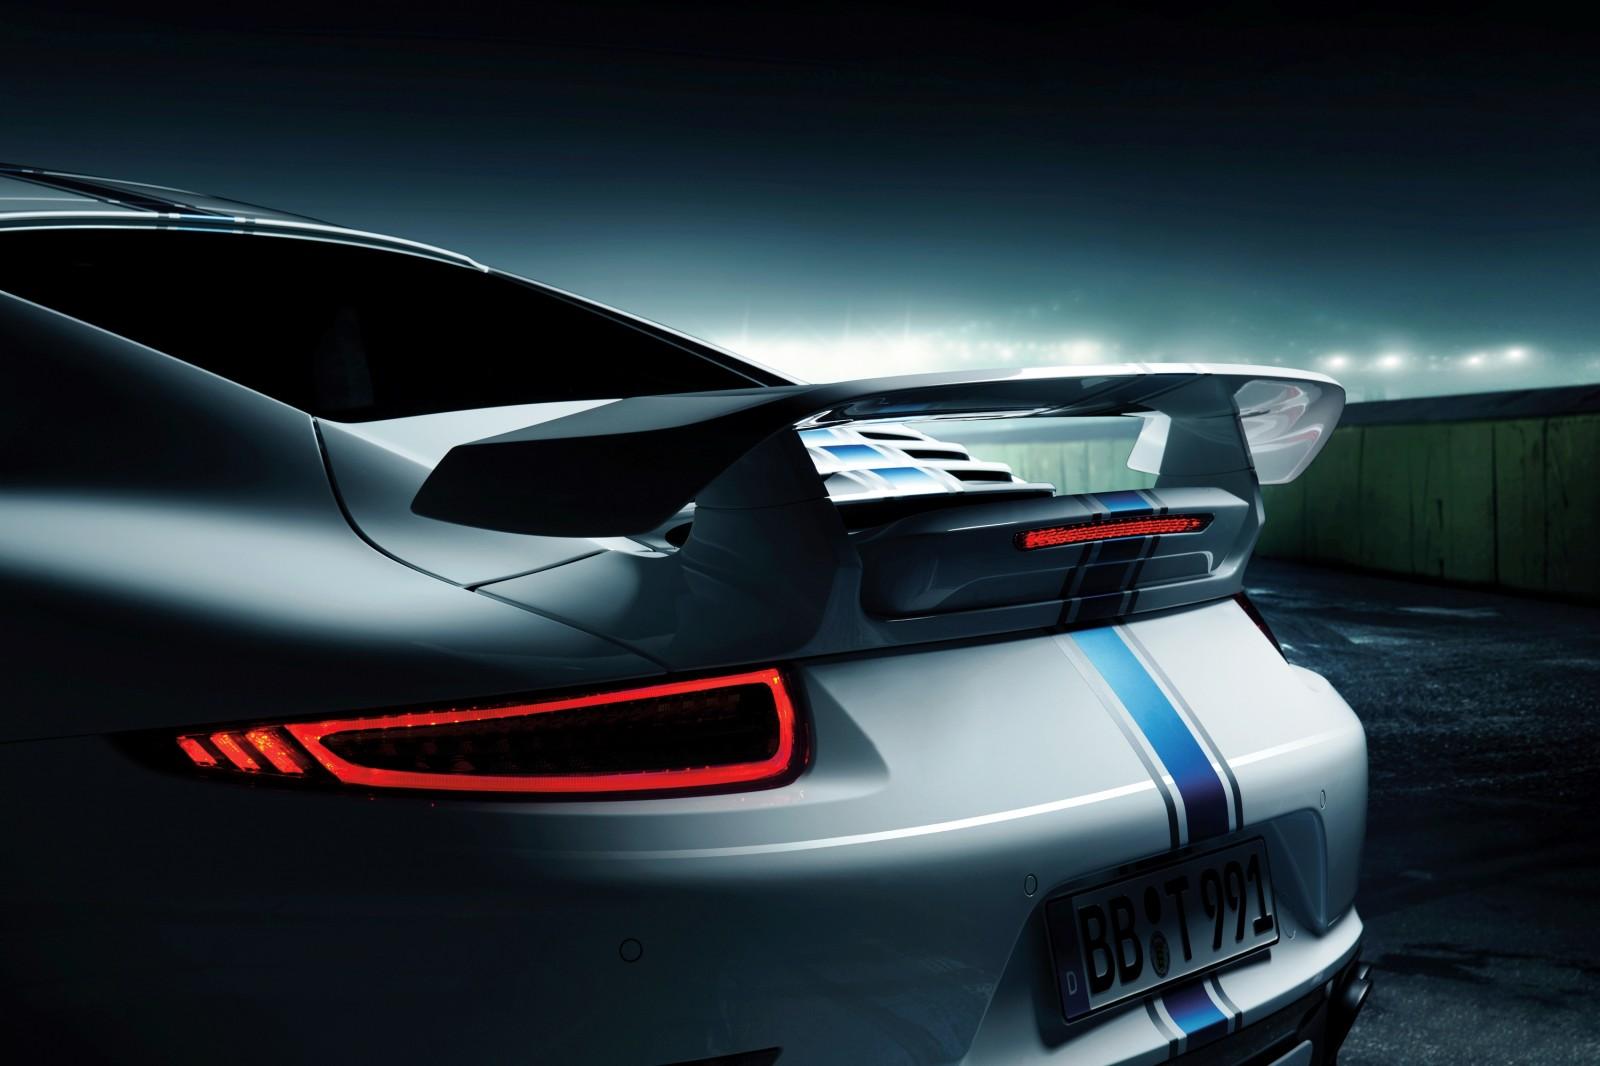 TECHART_for_Porsche_911_Turbo_models_white_rear_spoiler